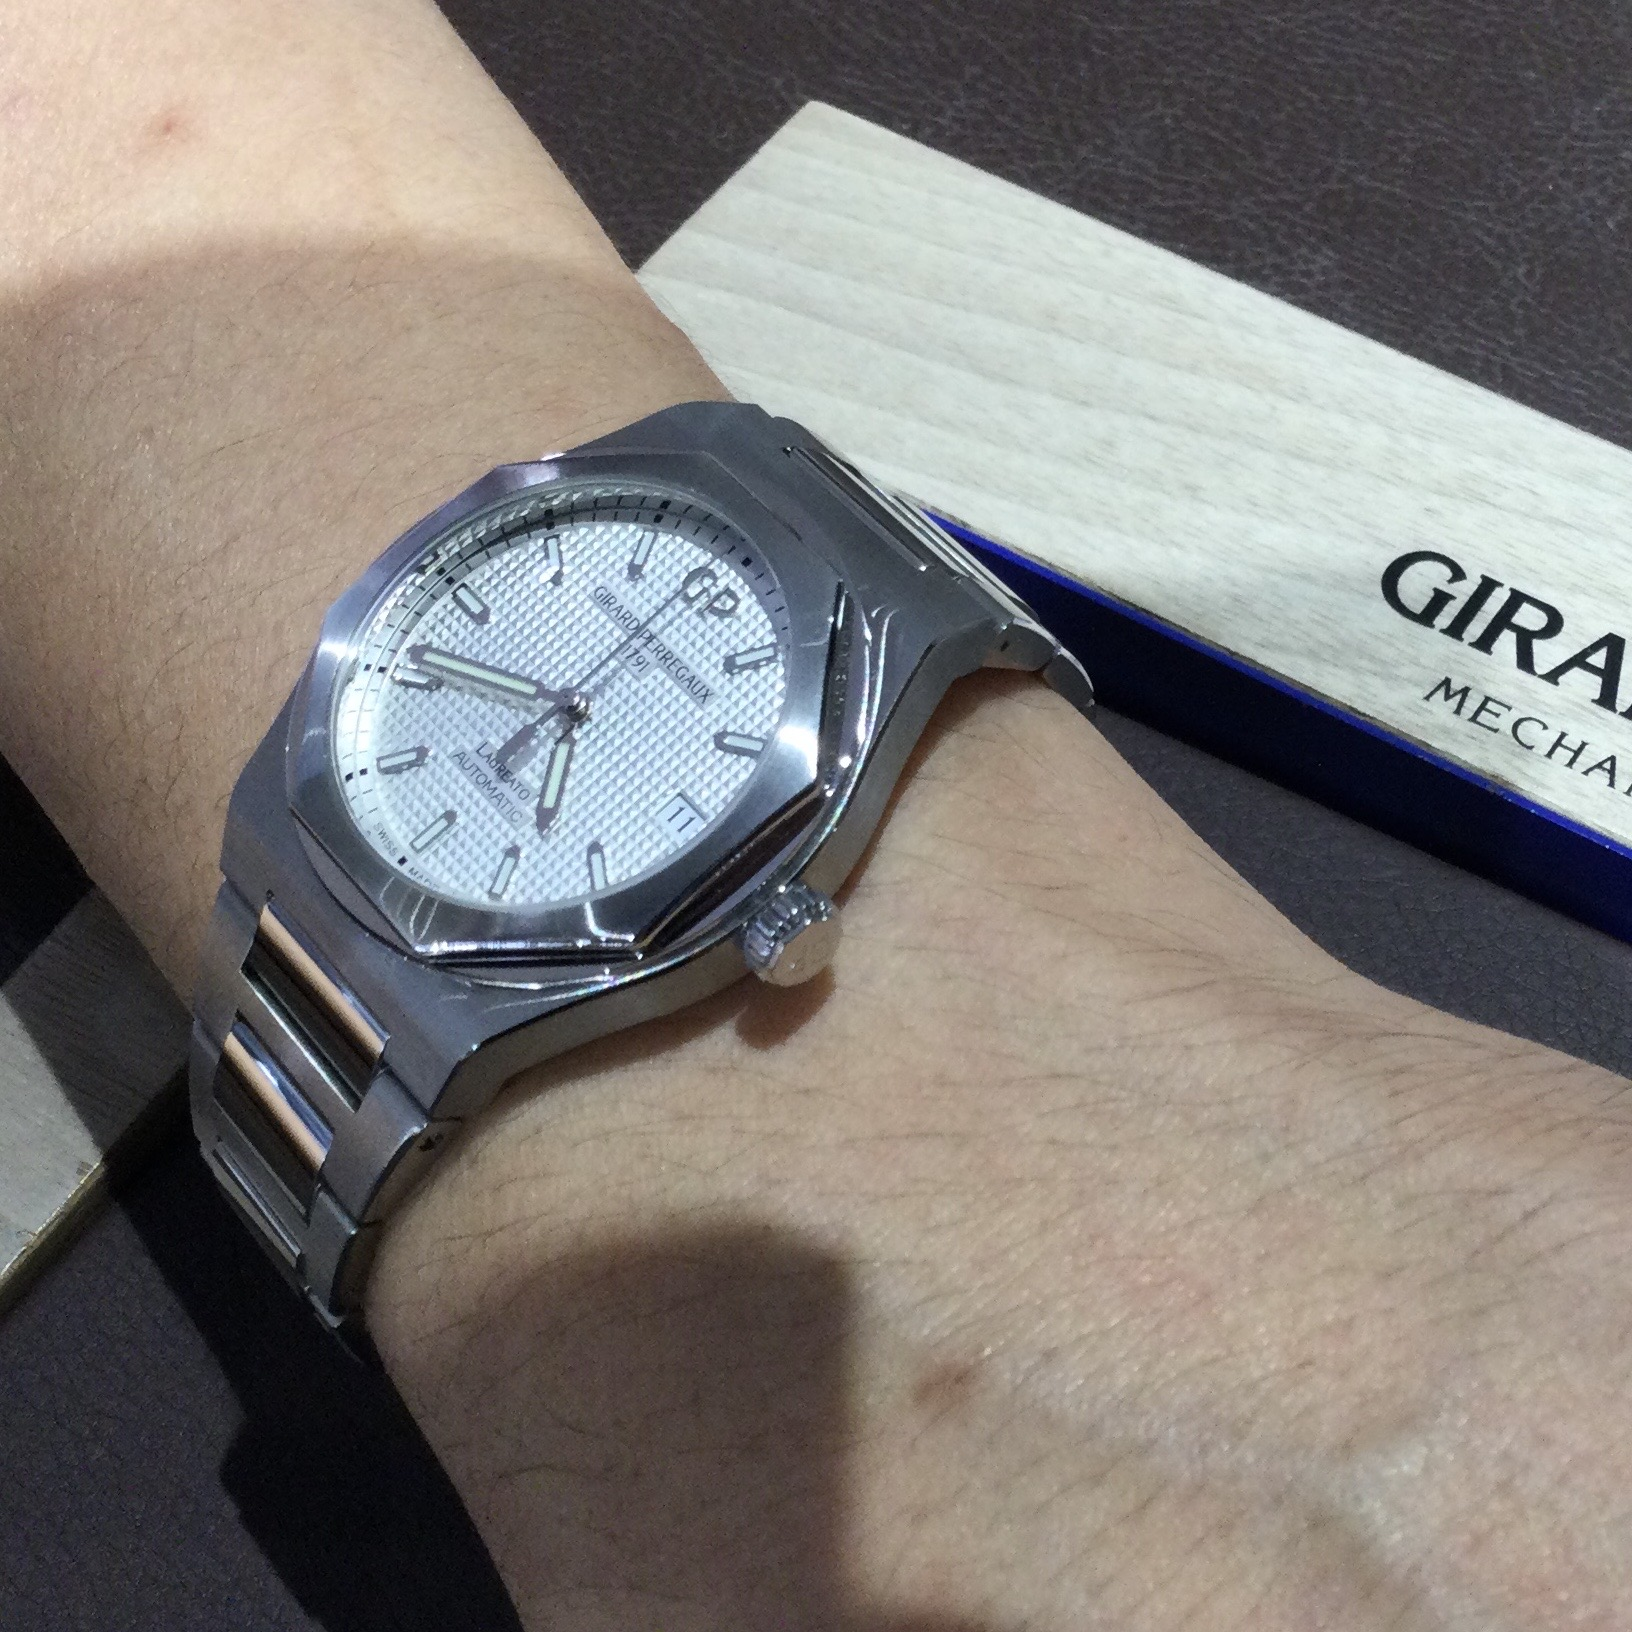 ジラールペルゴのお時計をお買い上げ頂きまして、有難うございます! 画像2